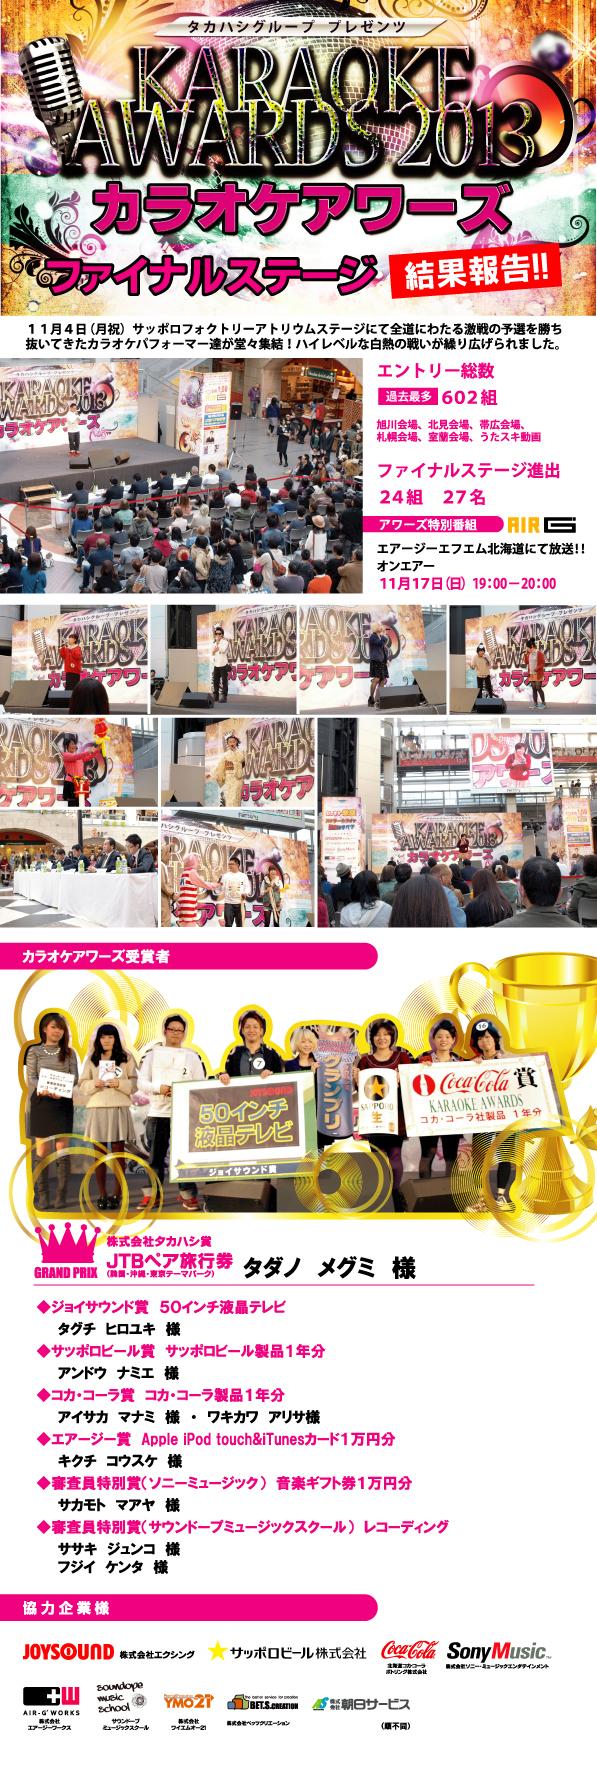 カラオケアワーズ2013 ファイナルステージレポート